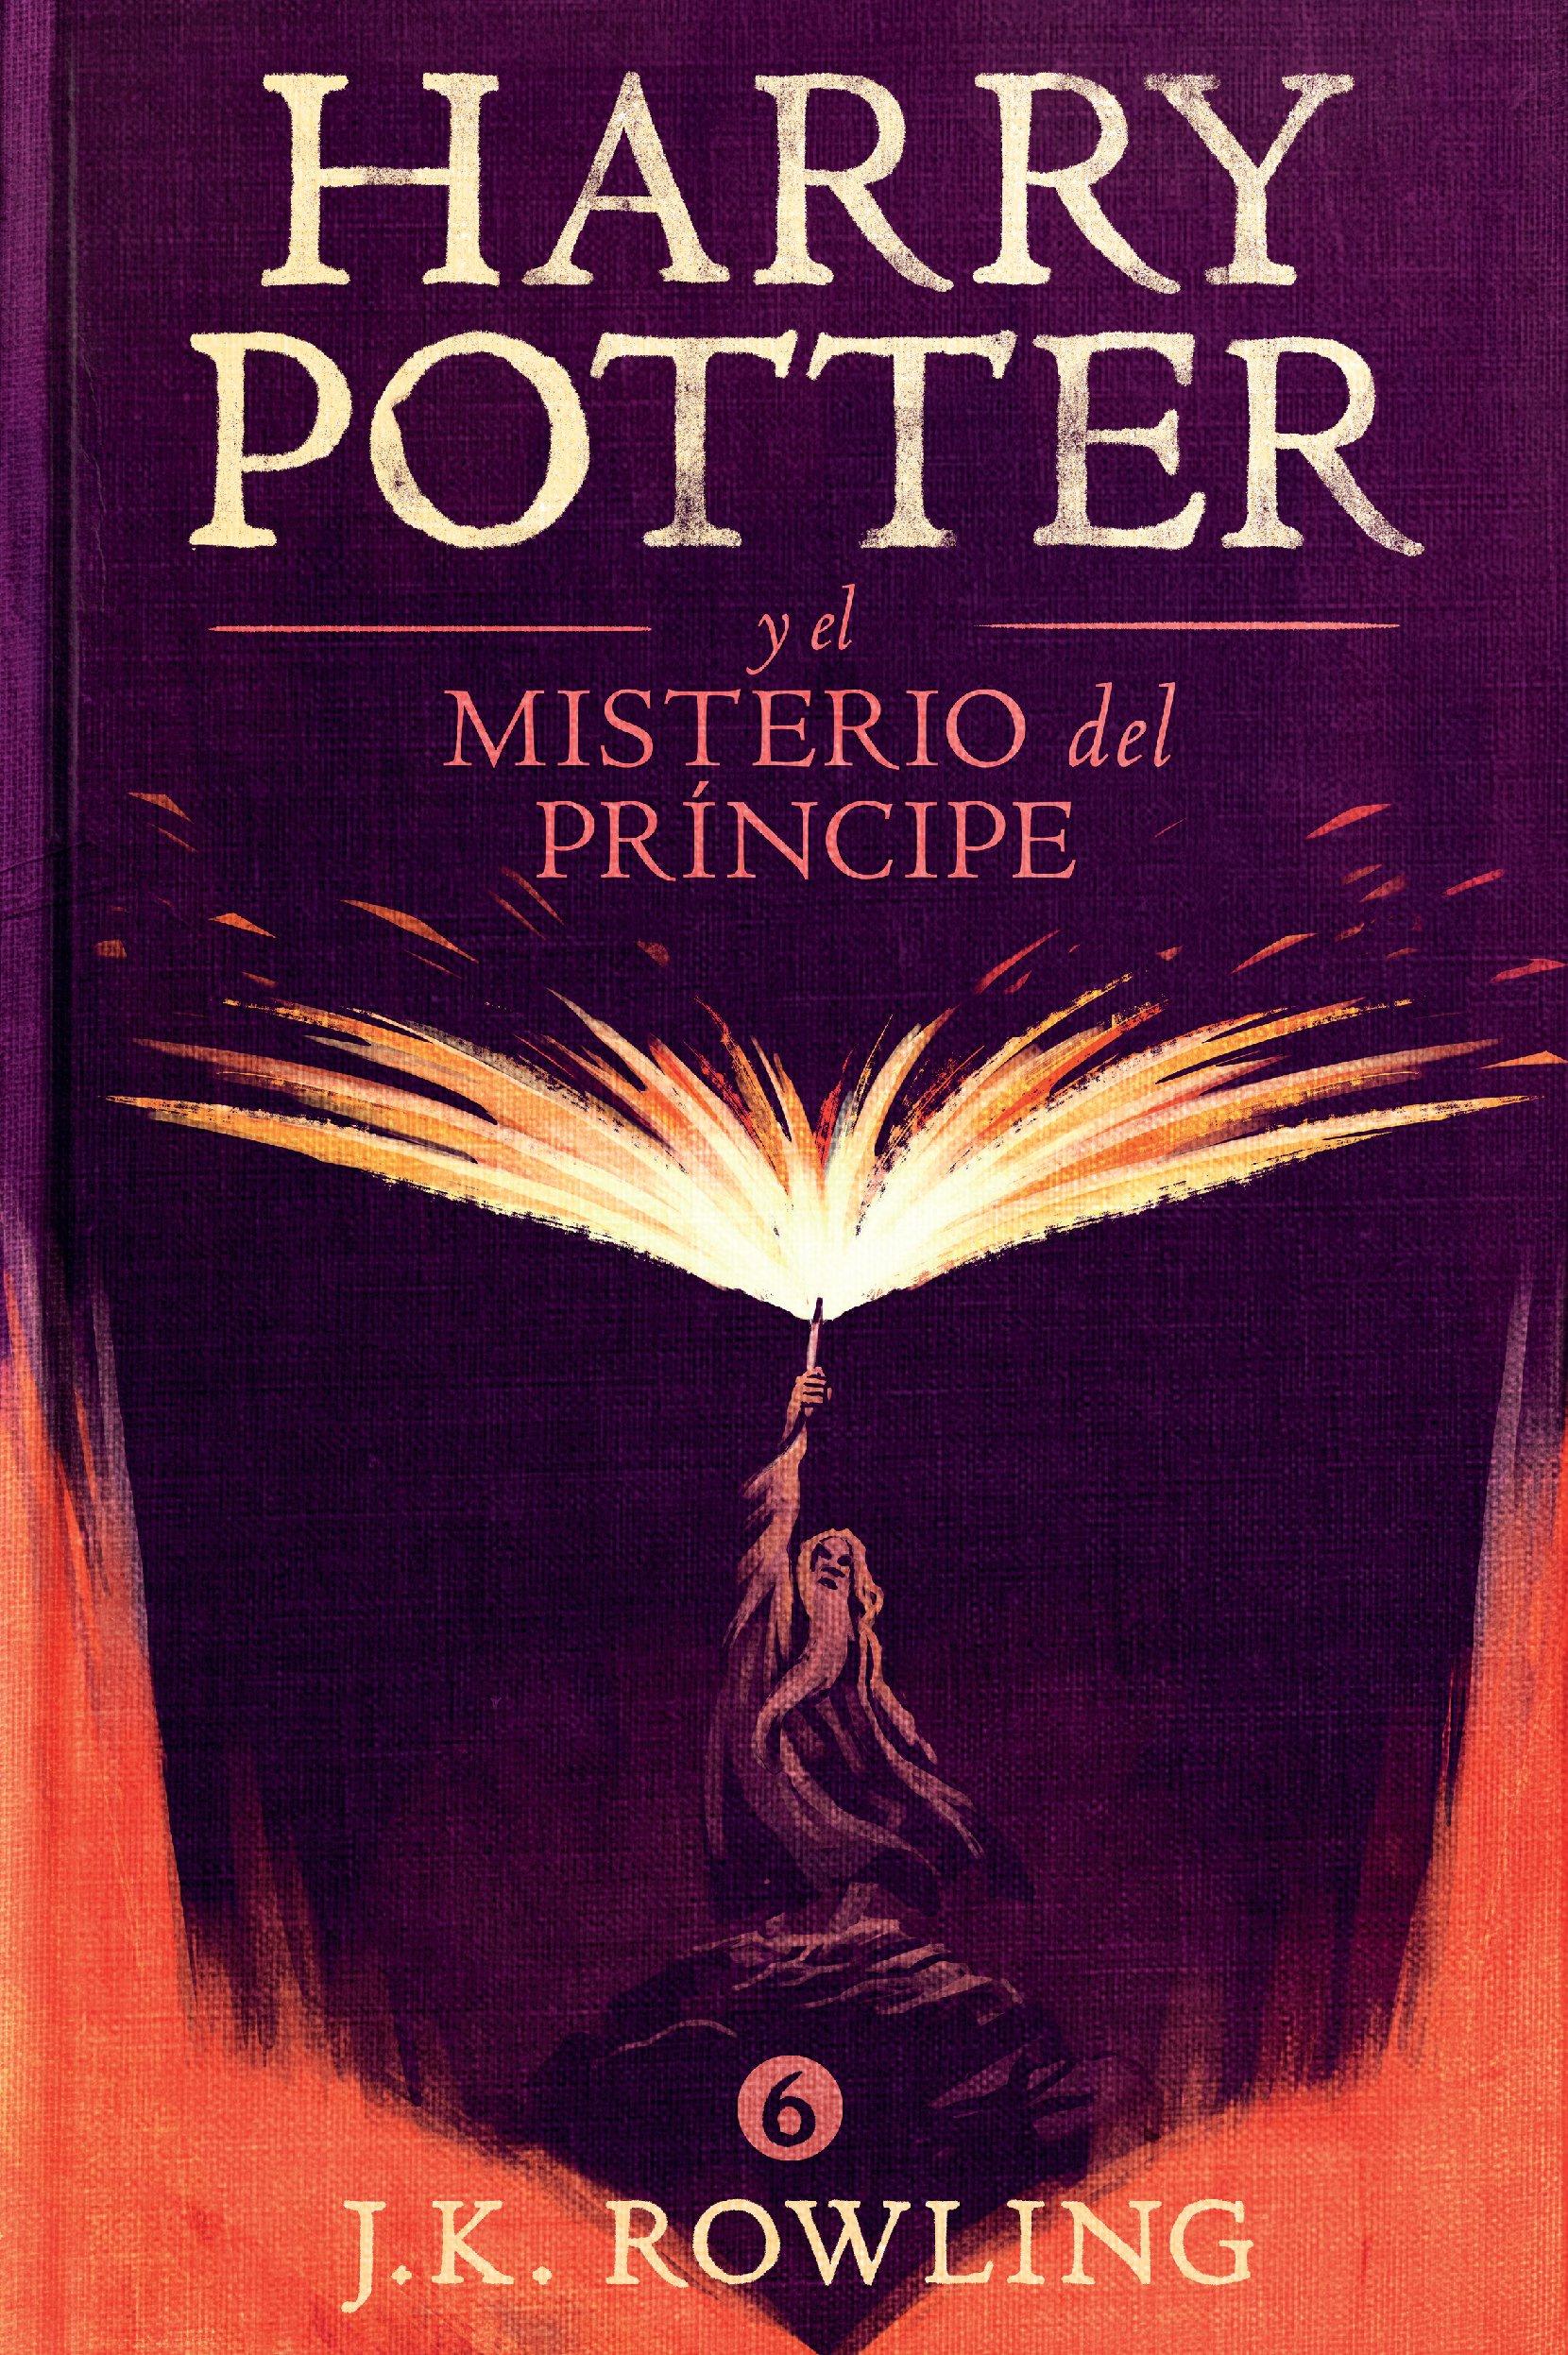 Harry Potter y el misterio del príncipe (La colección de Harry Potter nº 6)